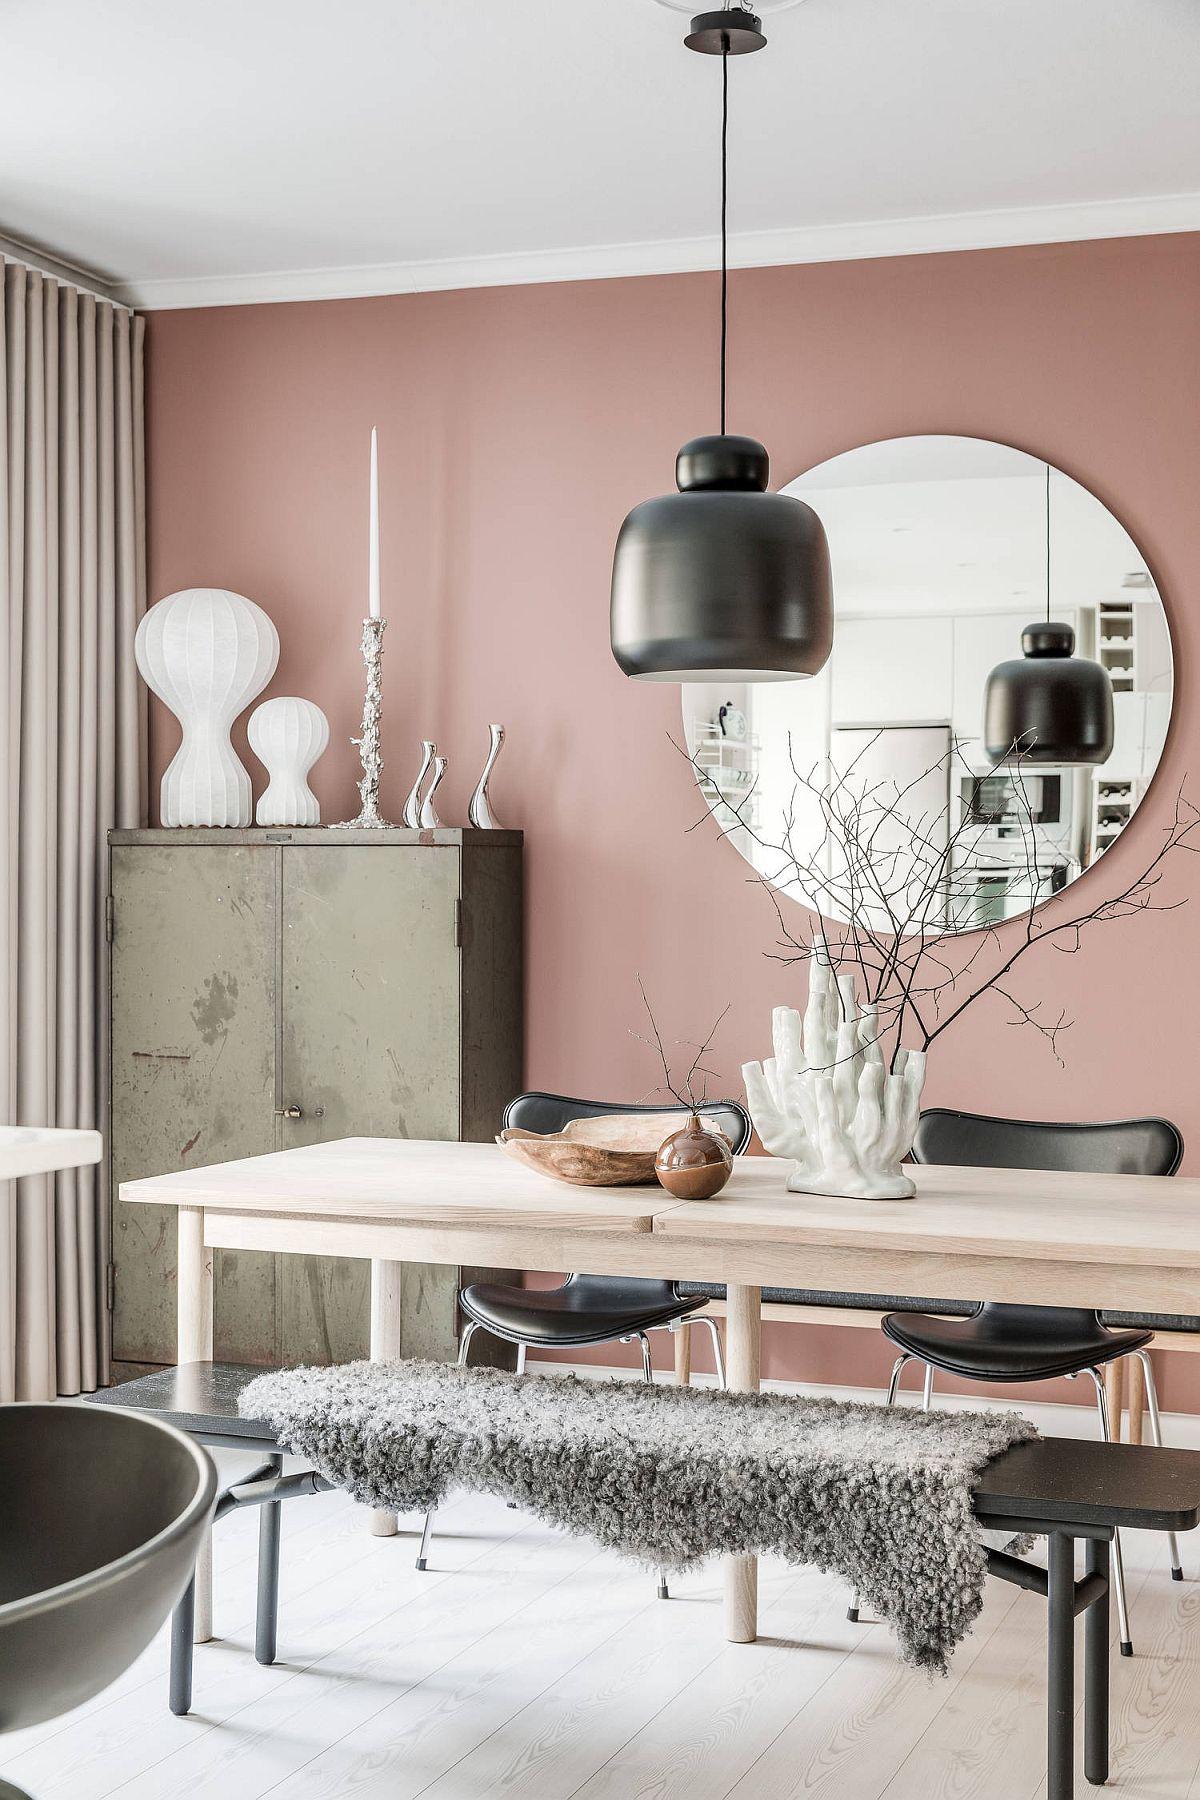 Contraste fine sunt realizate în colțurile vizibile ale locuinței, cum e și în cazul sufrageriei, unde bufet ales într-o nuanță kaki pune în evidență nuanța vopselei. De asemenea, mobila și corpurile de iluminat sunt cu linii zvelte, ceea ce conferă senzația de spațiu aerisit, în ciuda numeroaselor obiecte prezente.